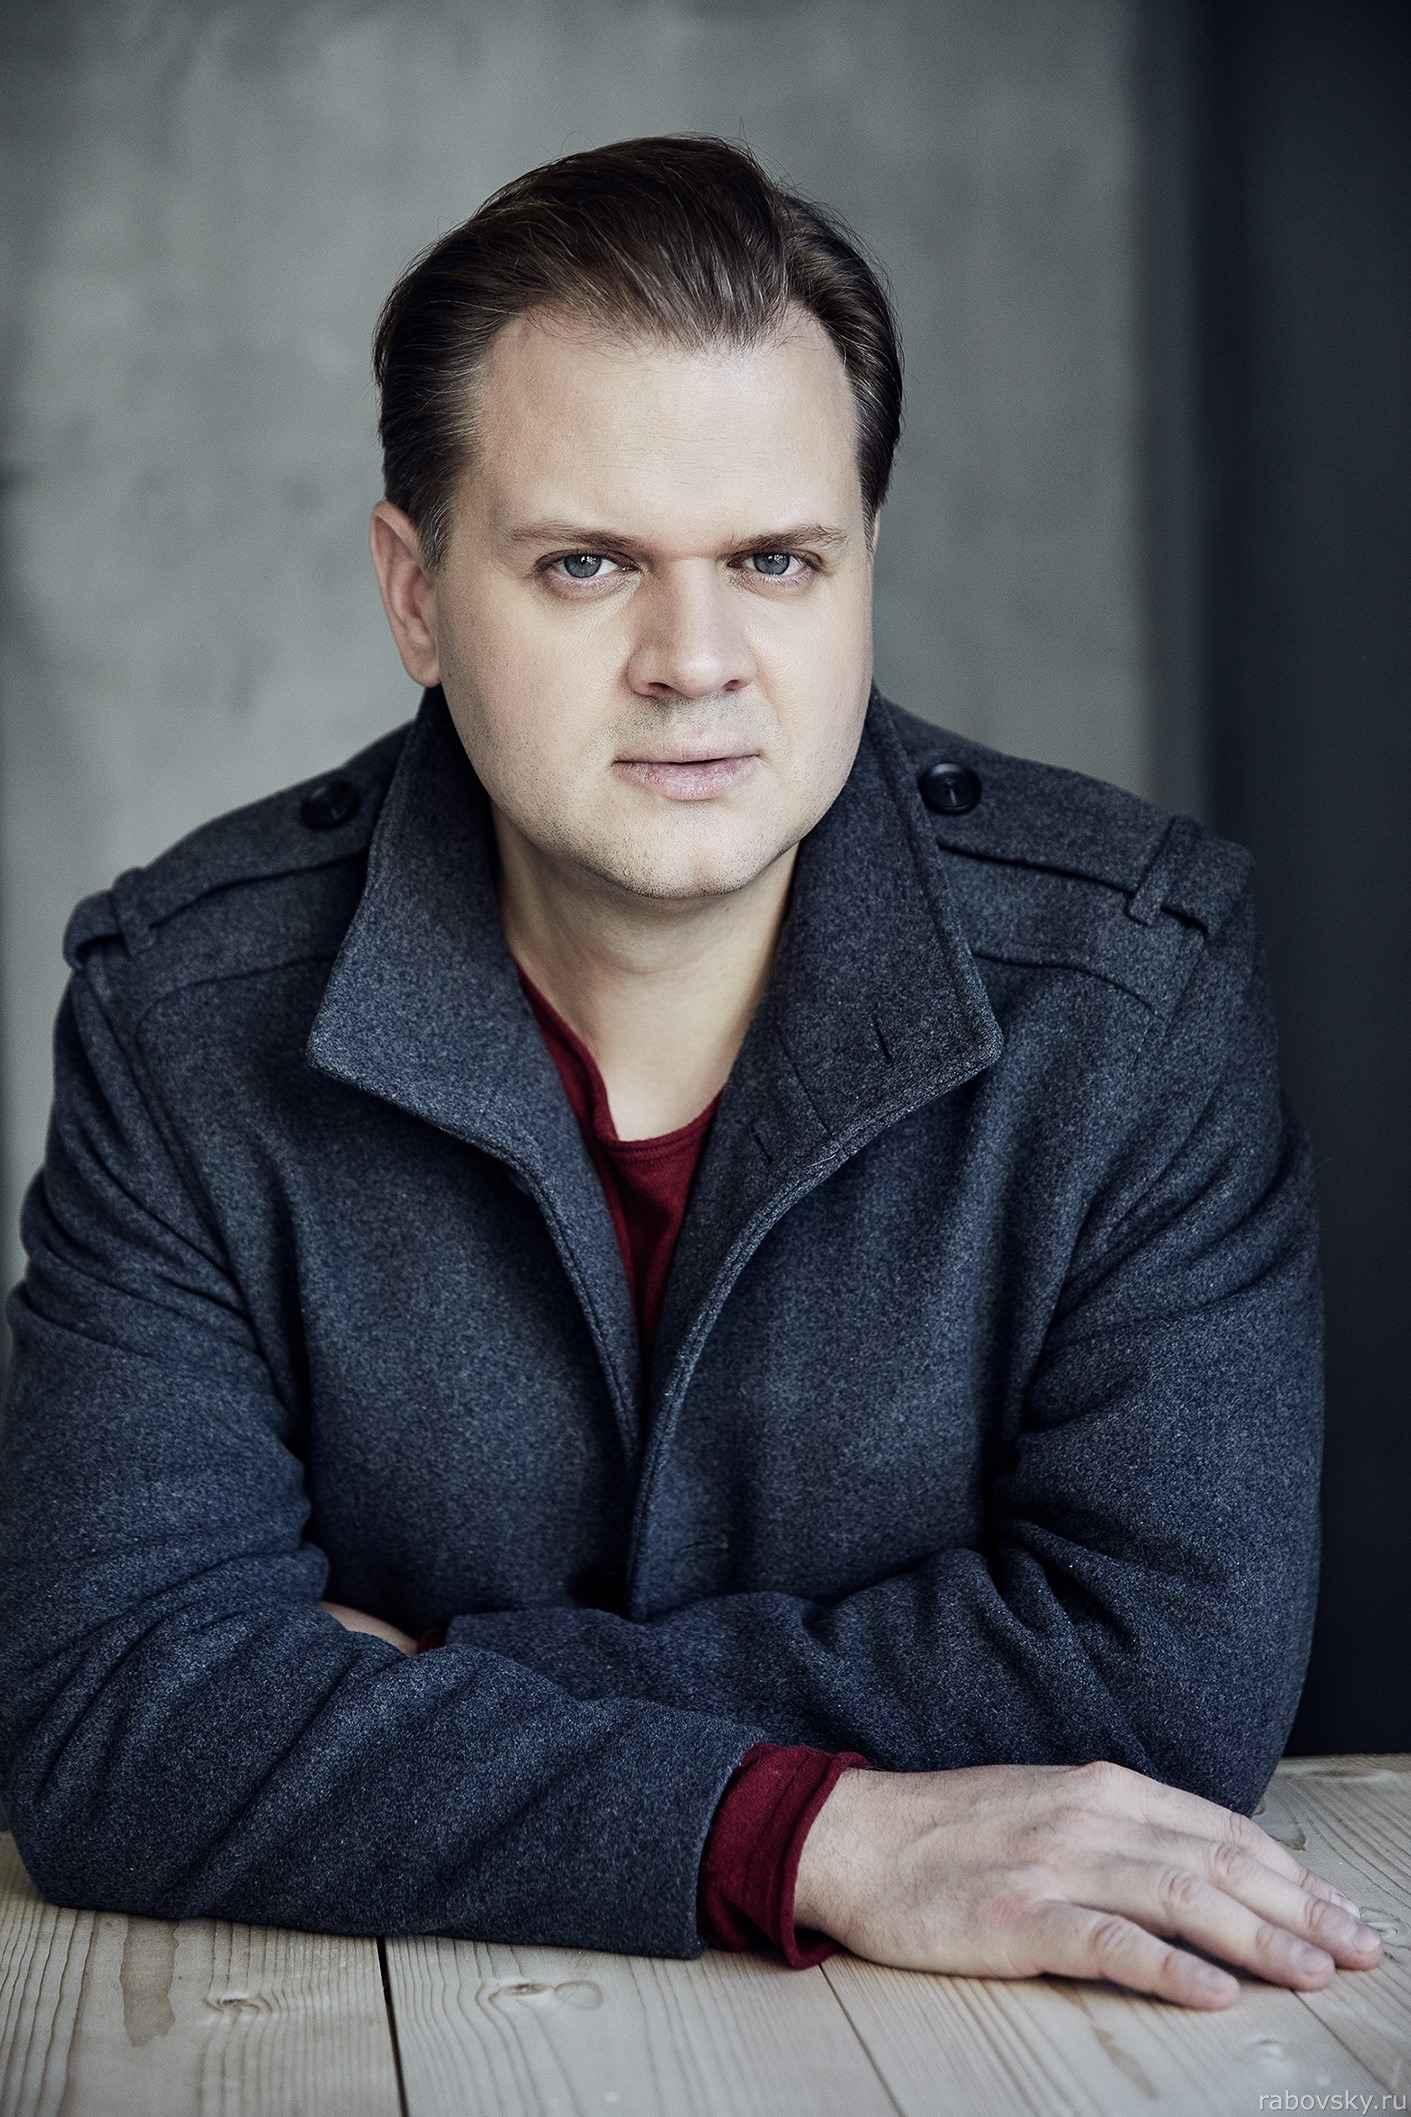 Anton Rositskiy